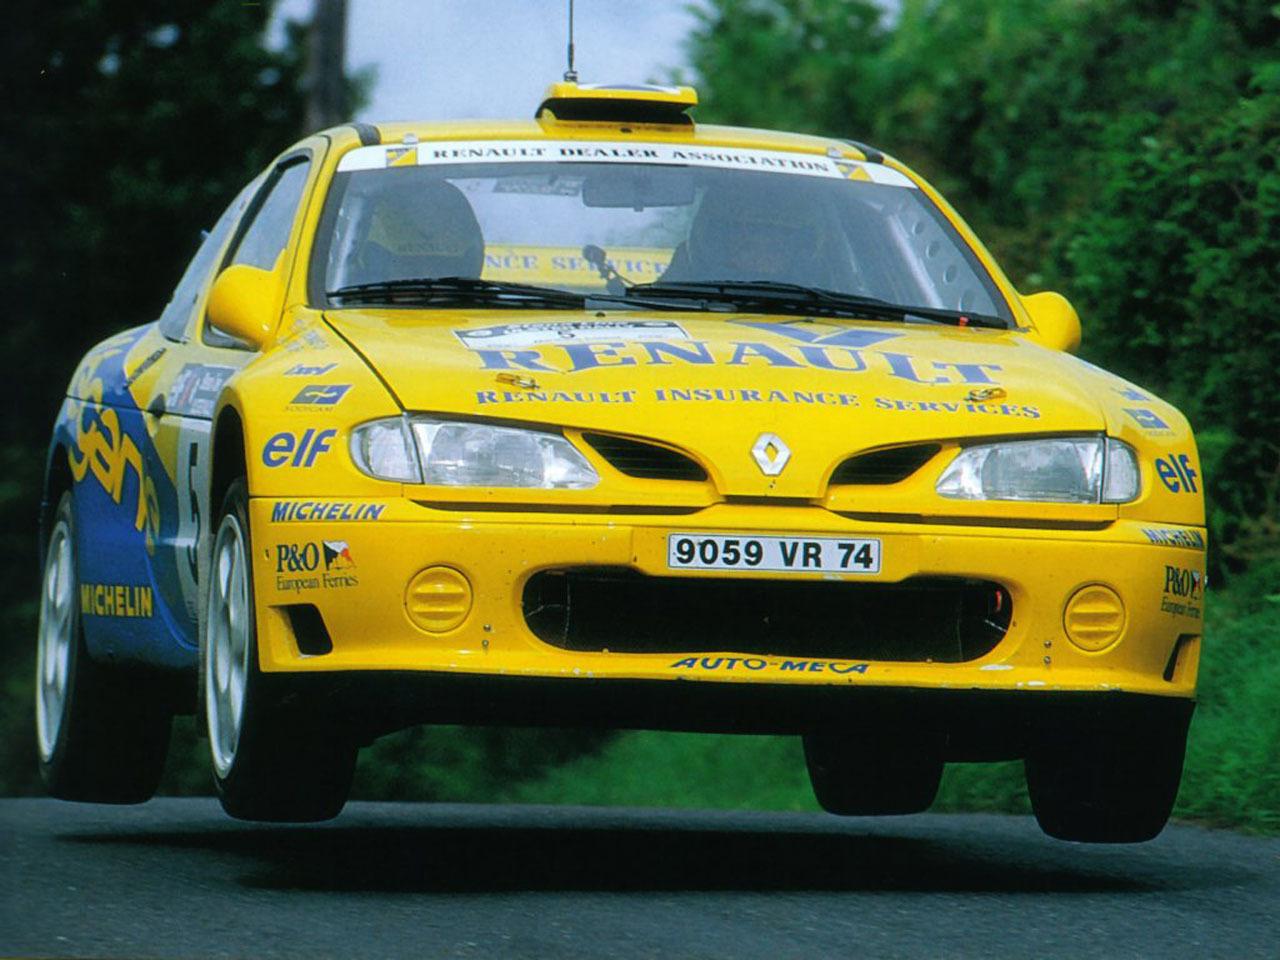 Renault Megane Kit Car